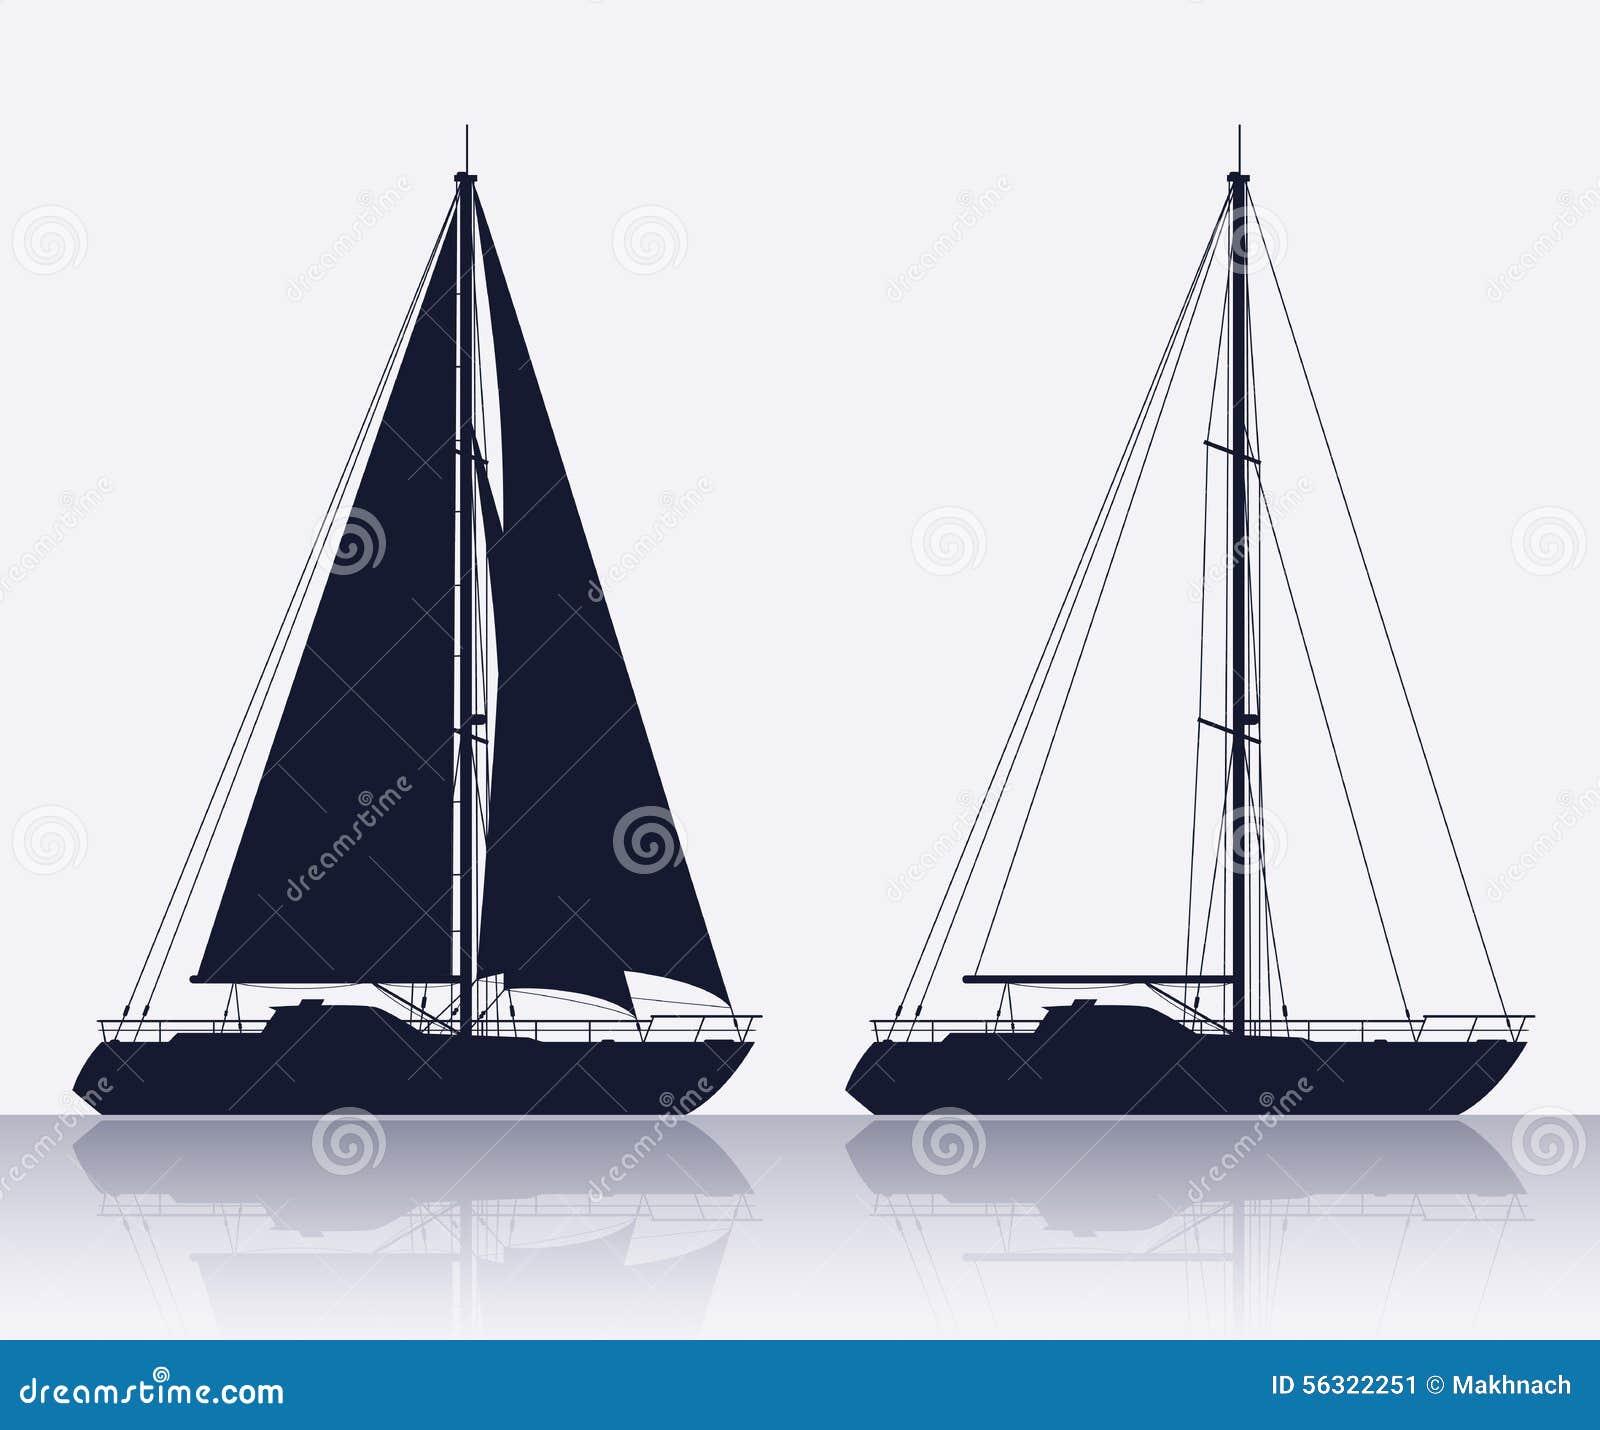 Uppsättningen av lyx seglar konturn